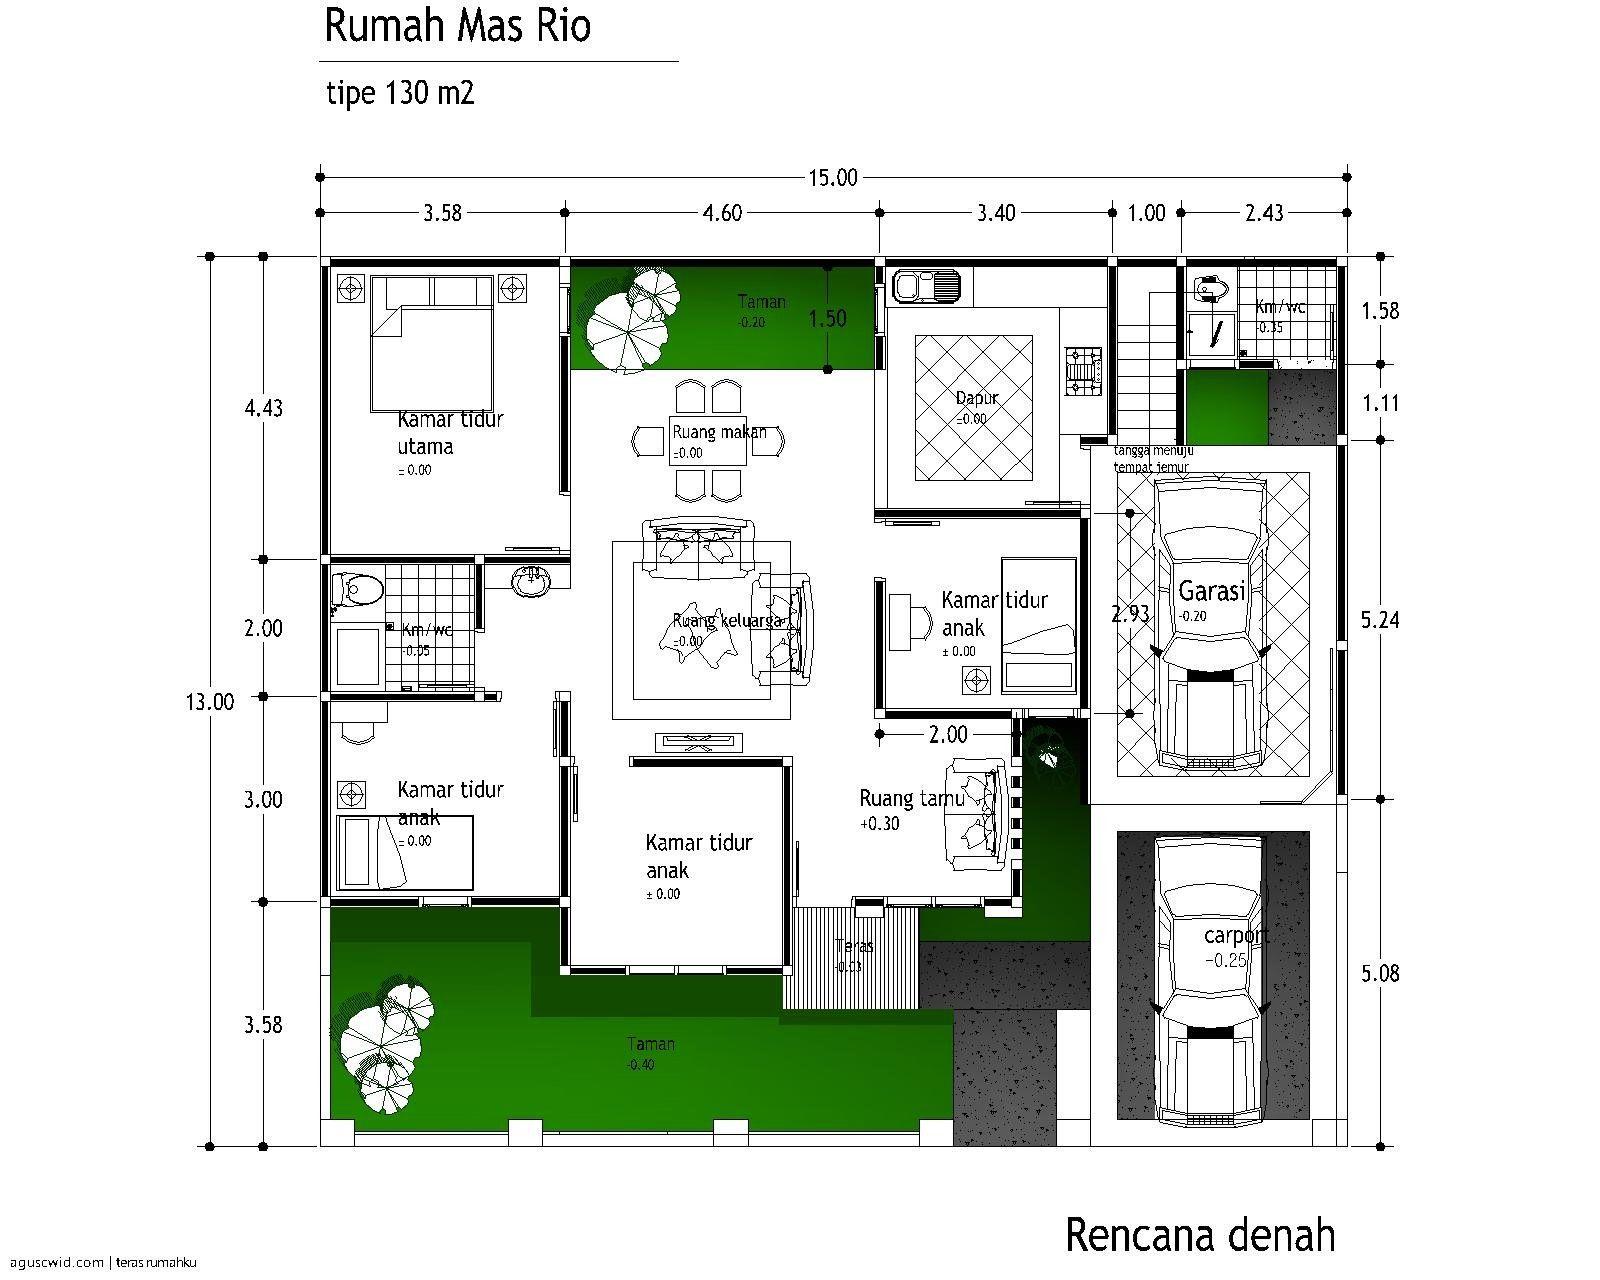 Desain rumah tipe 110 1 lantai 2 ide buat rumah pinterest house desain rumah tipe 110 1 lantai 2 malvernweather Choice Image